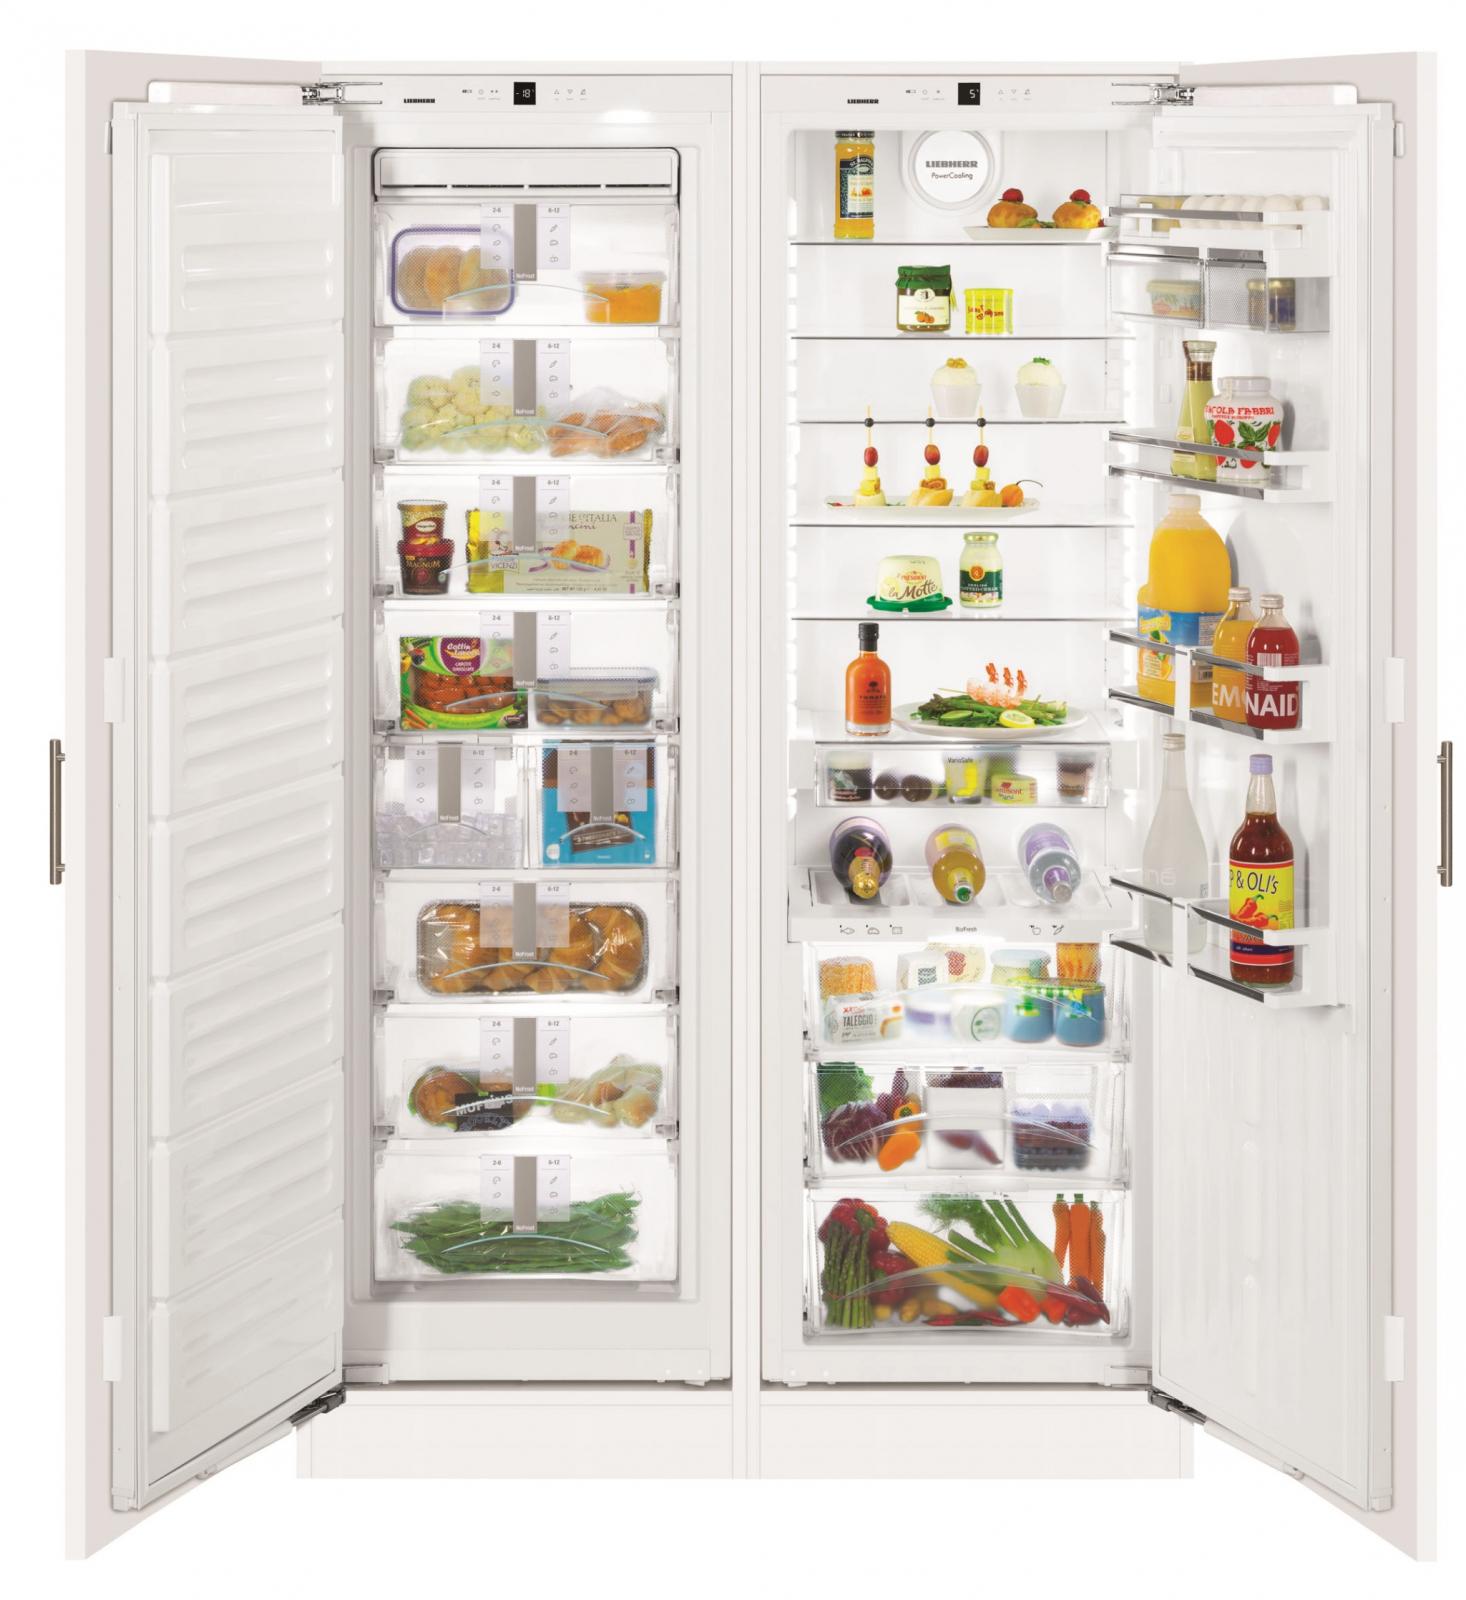 Встраиваемый холодильник Side by Side Liebherr SBS 70I4 21 купить украина